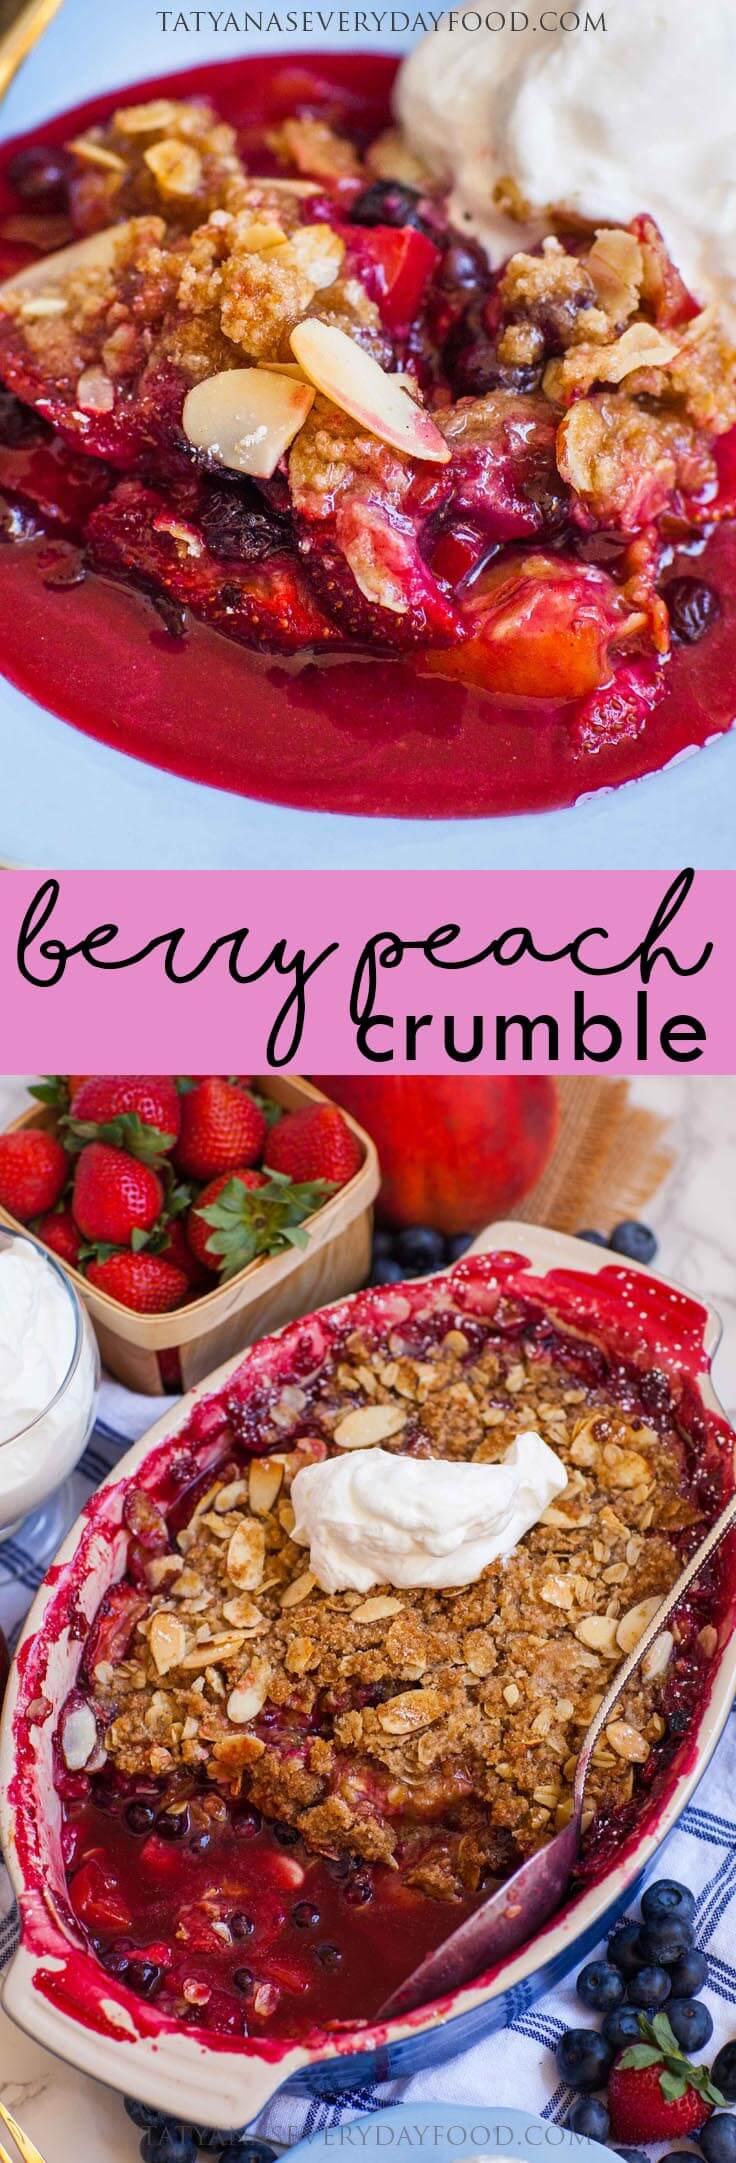 Berry Peach Crumble recipe